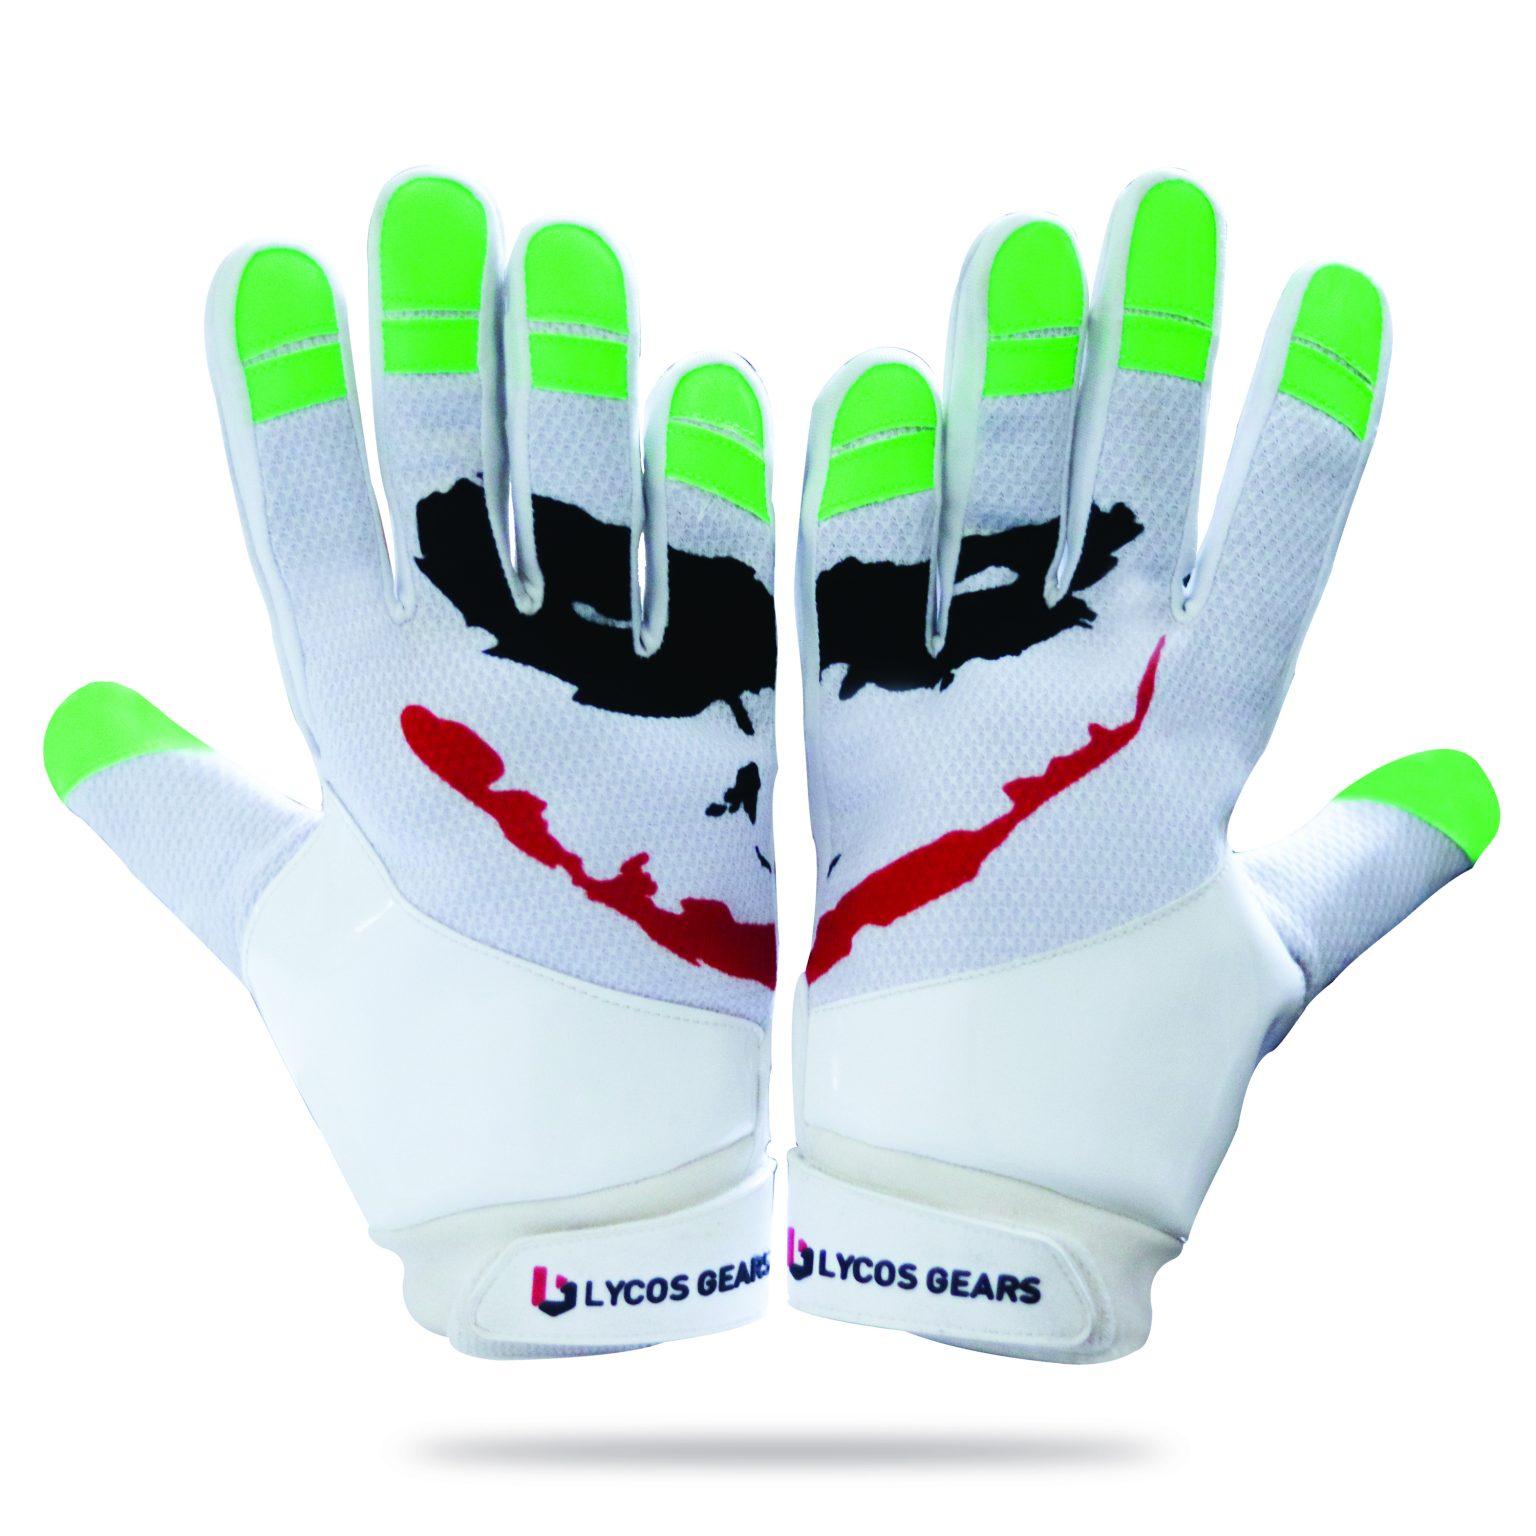 Joker Football Gloves